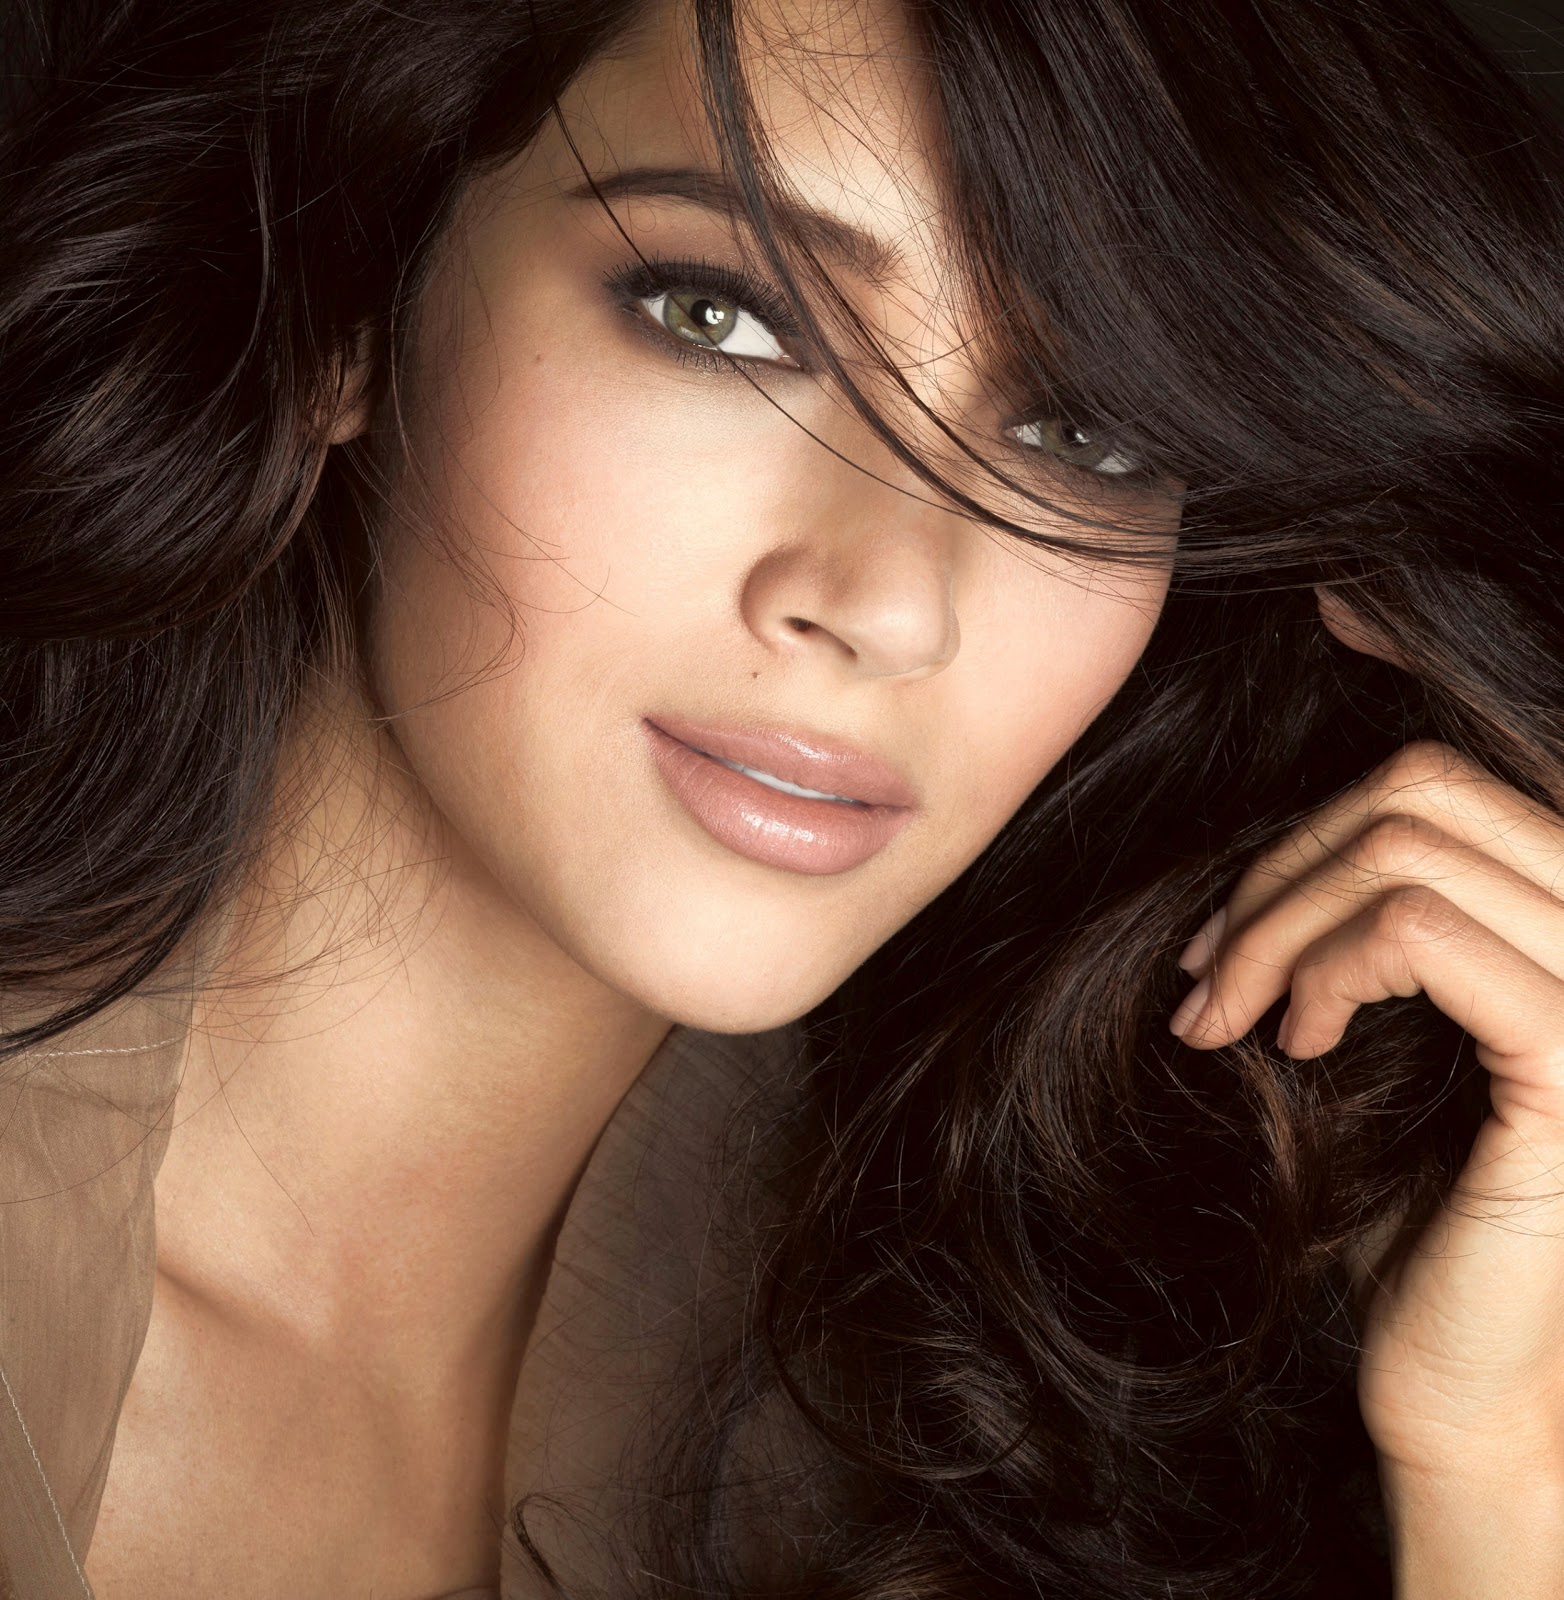 sexy latina face